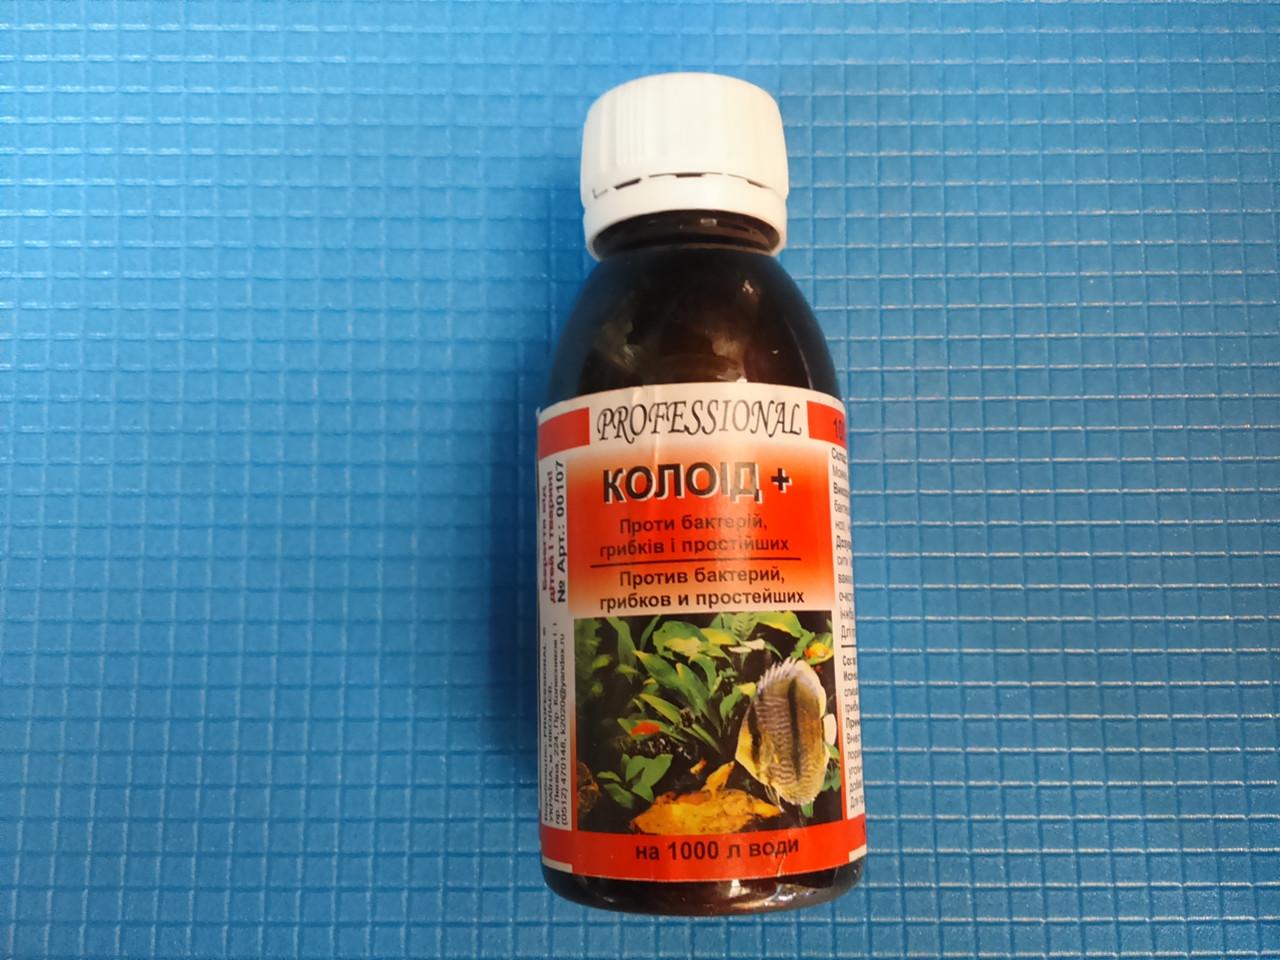 Коллоид +, лекарство против 650 видов бактерий, 110мл-1000л